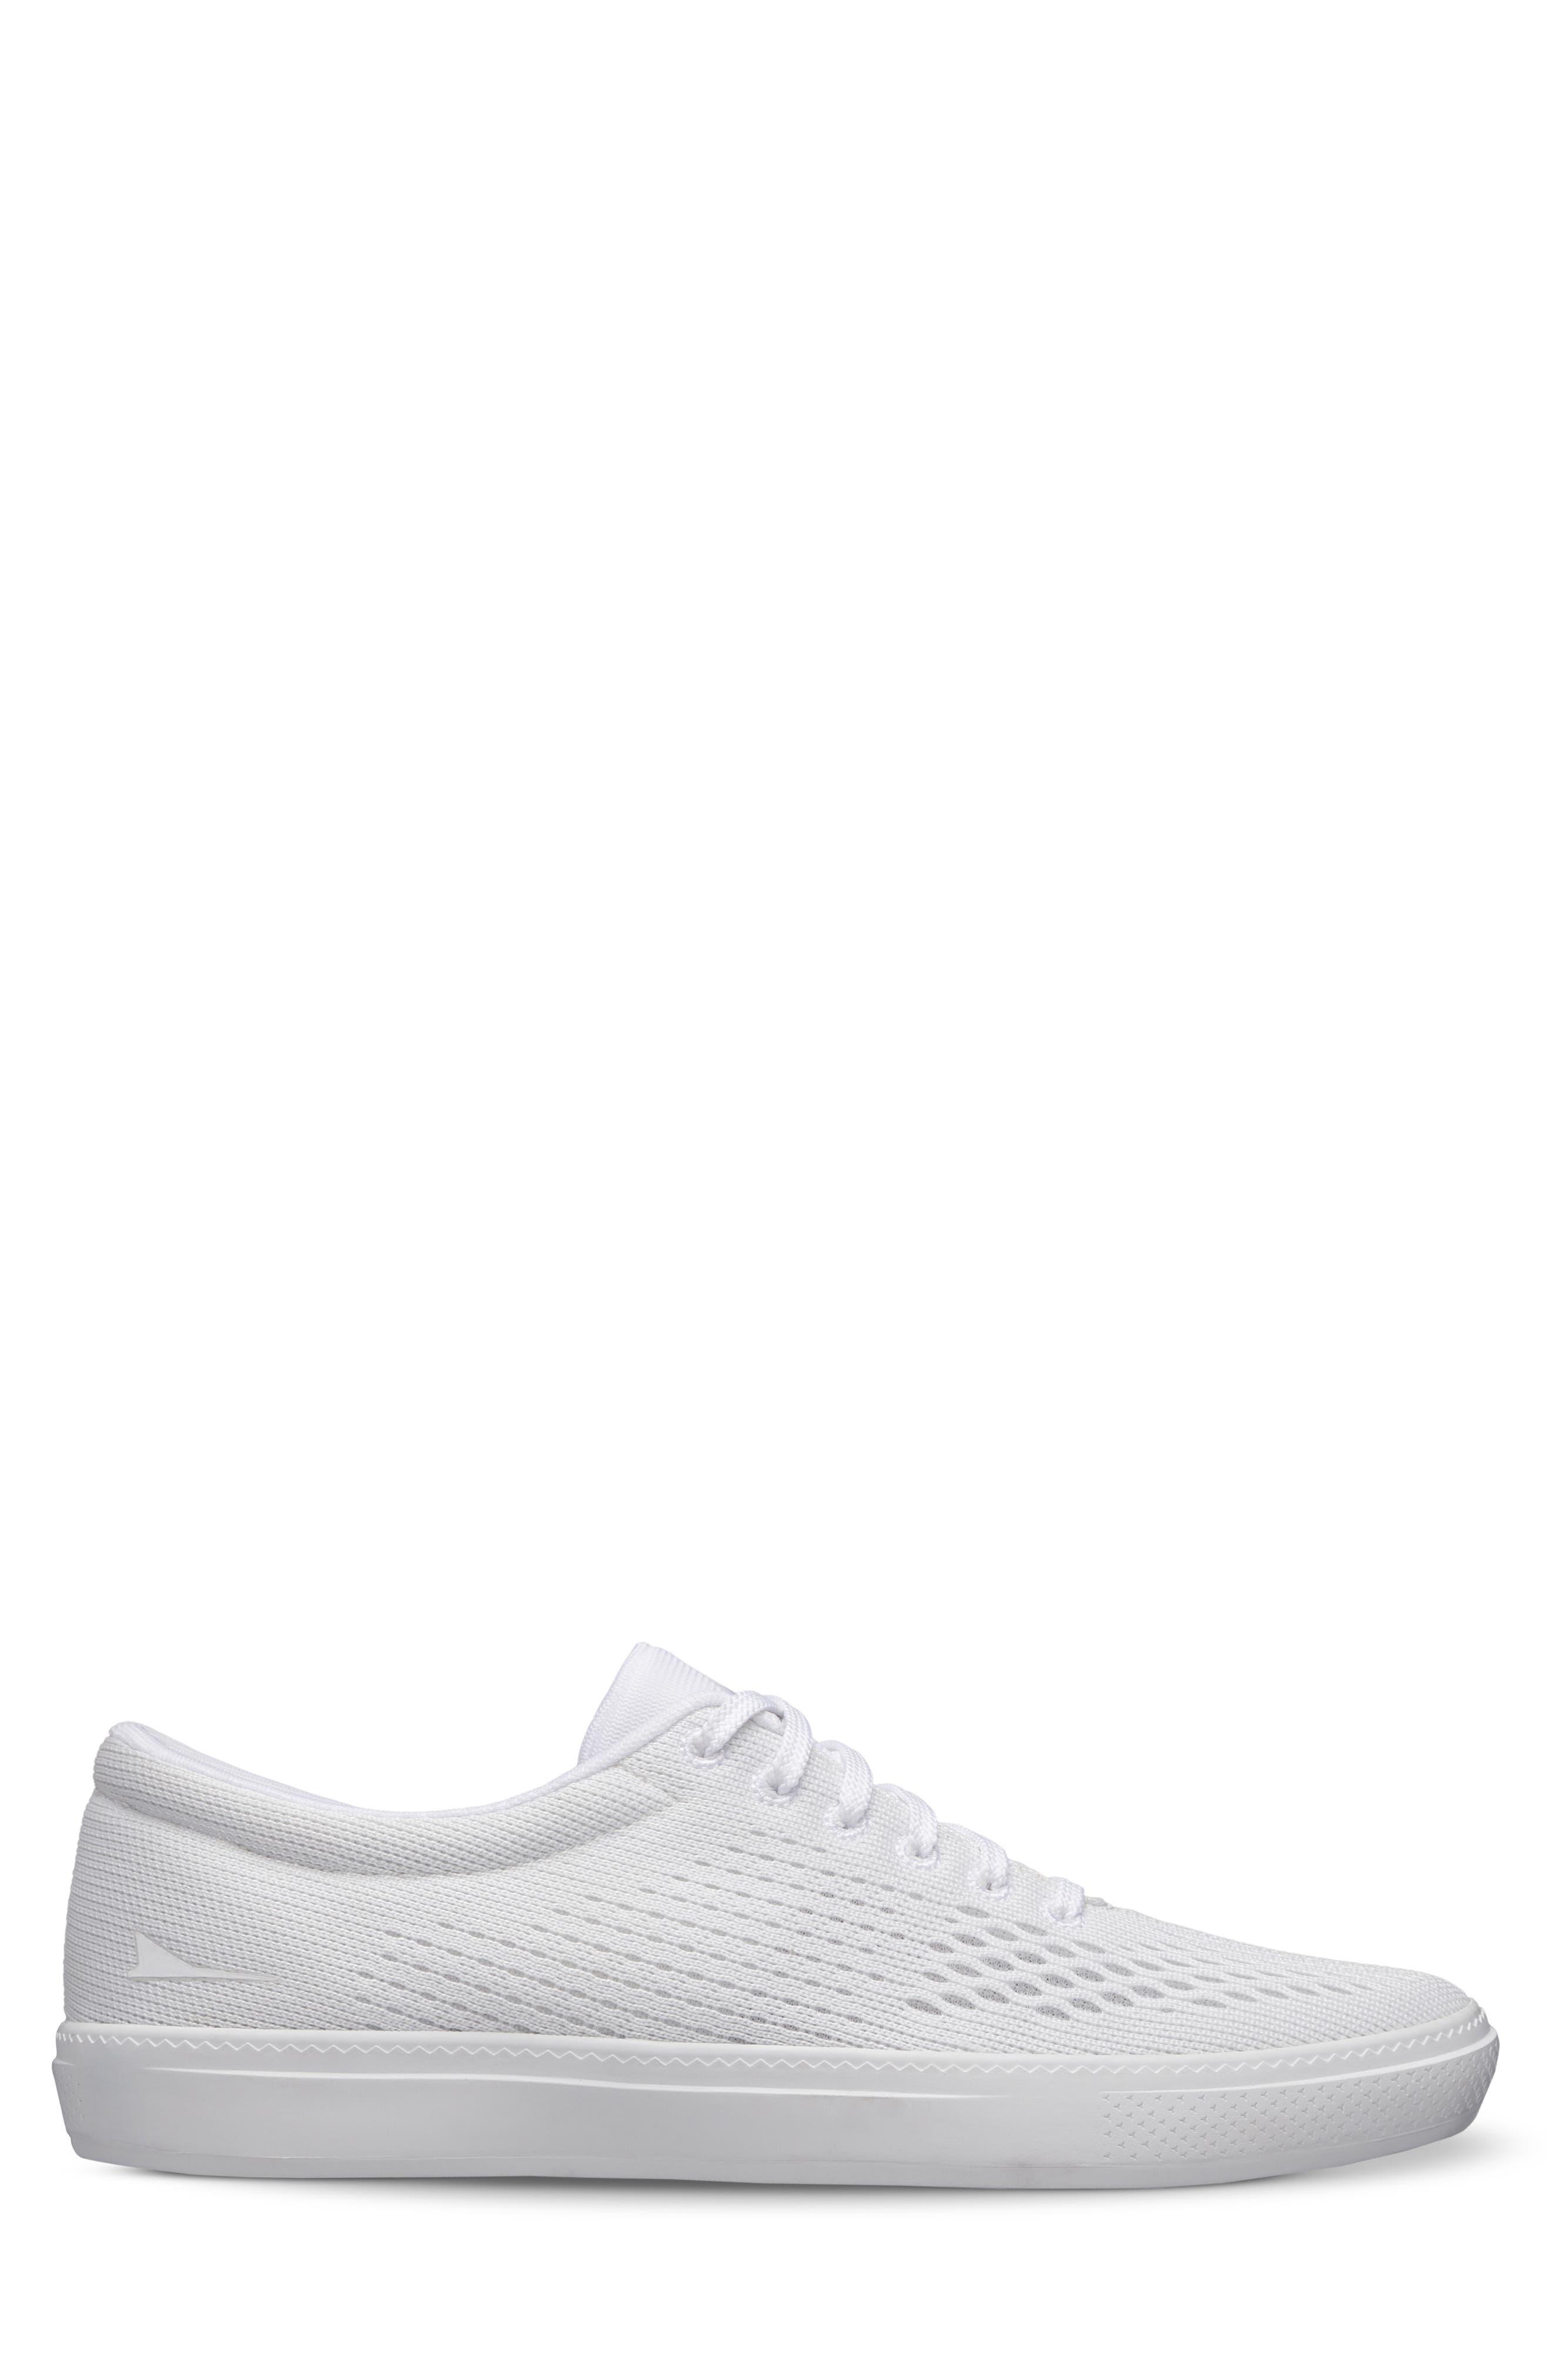 August II Sneaker,                             Alternate thumbnail 3, color,                             WHITE